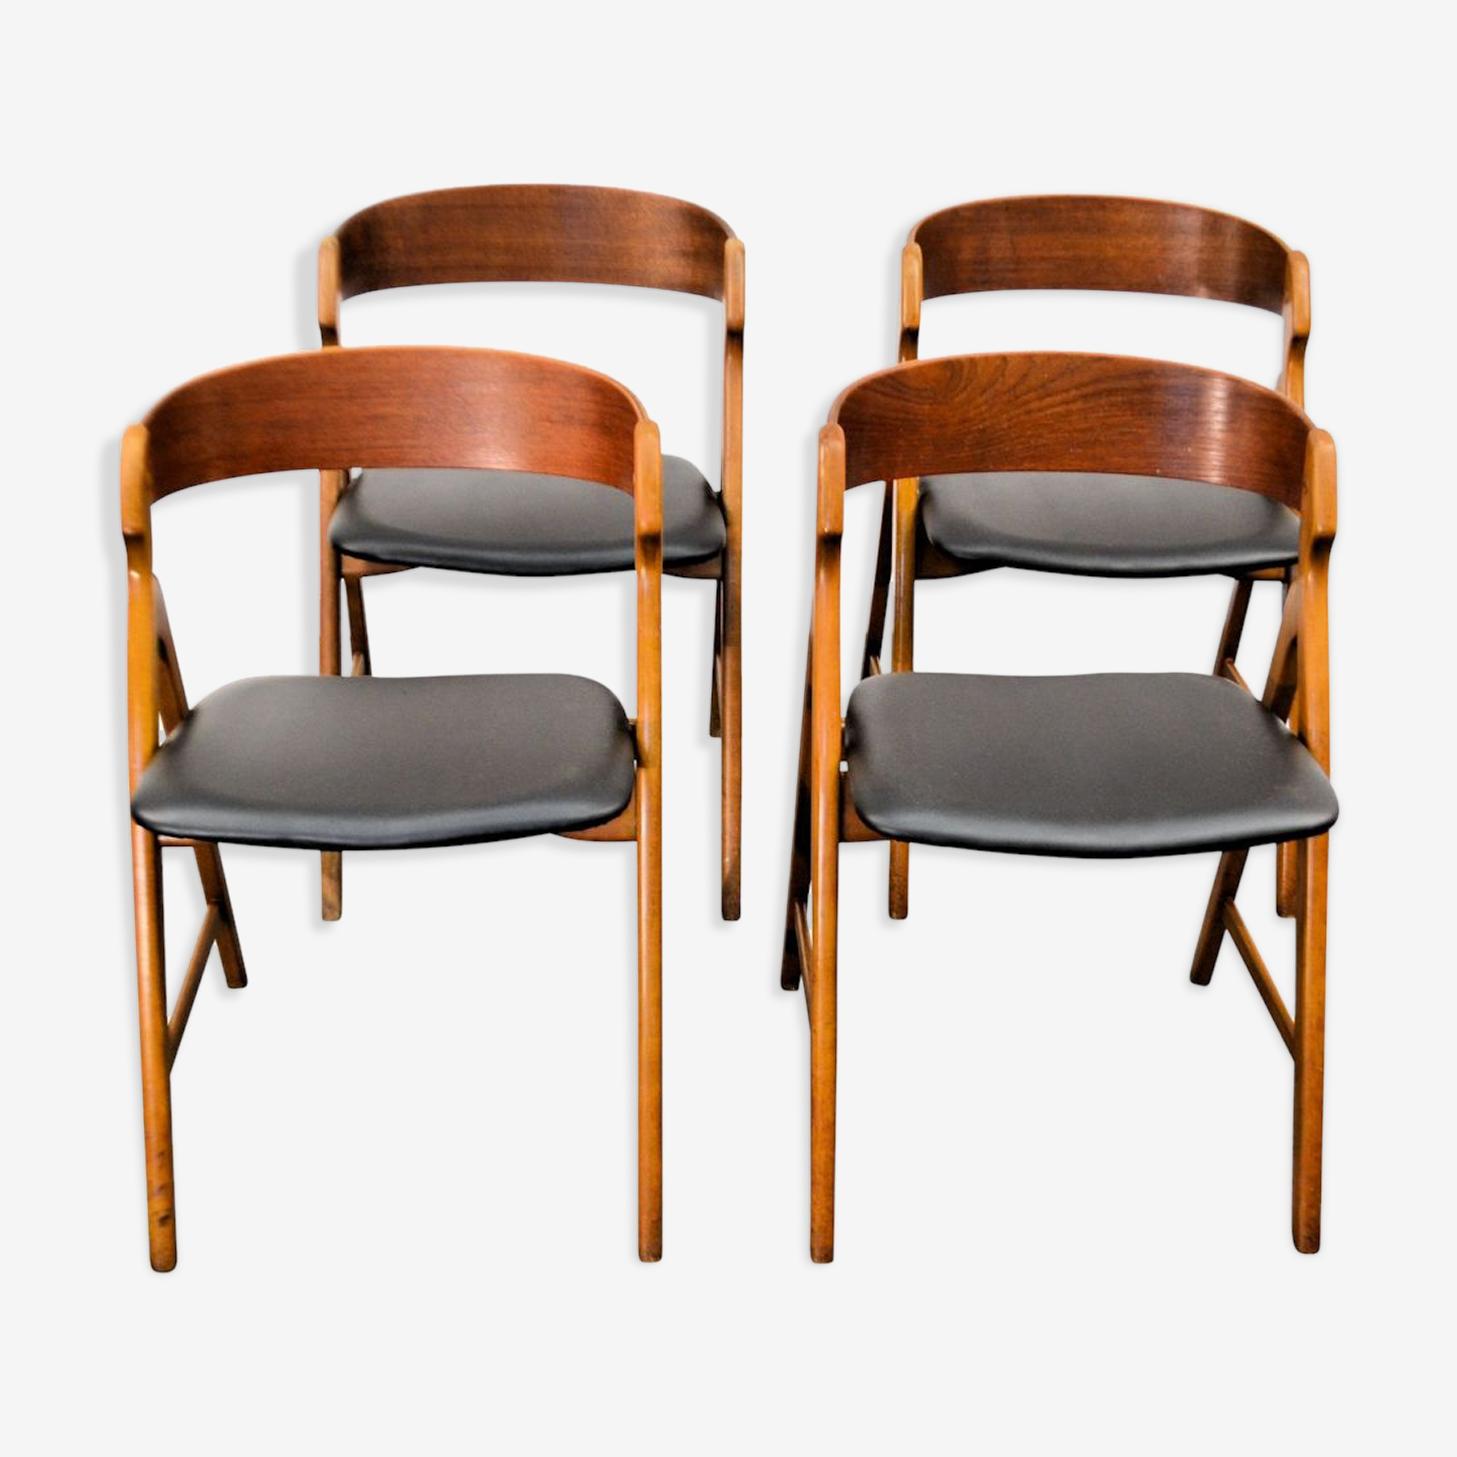 Chaises vintage N71en  teck par Henning Kjaernulf